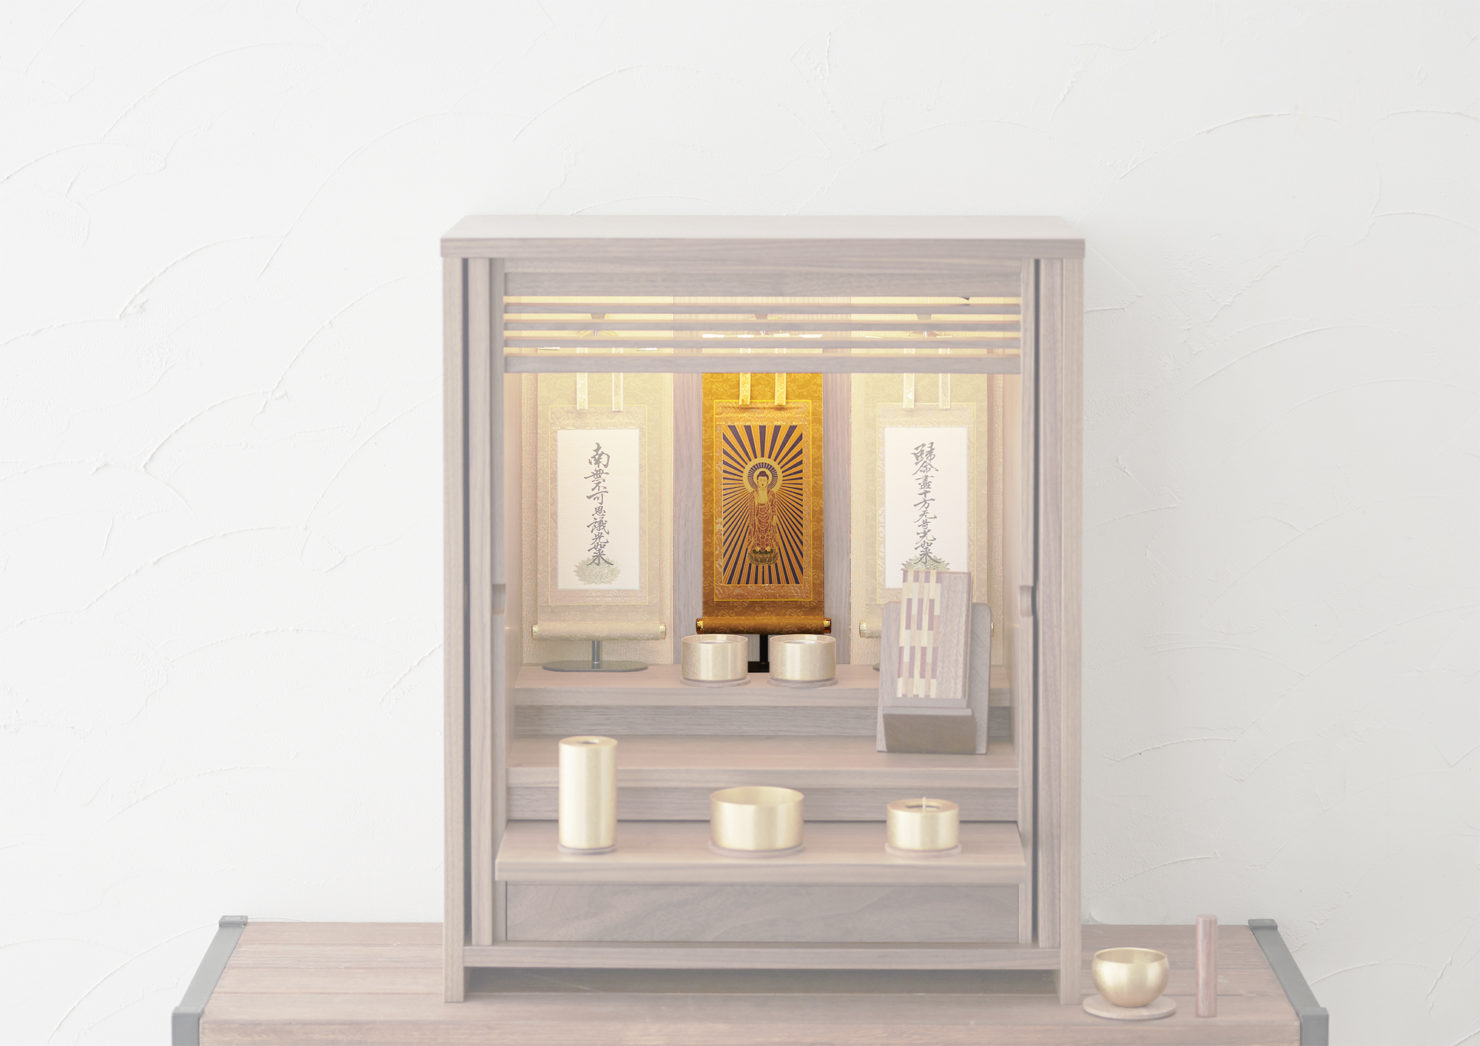 浄土真宗の仏壇の本尊の飾り方